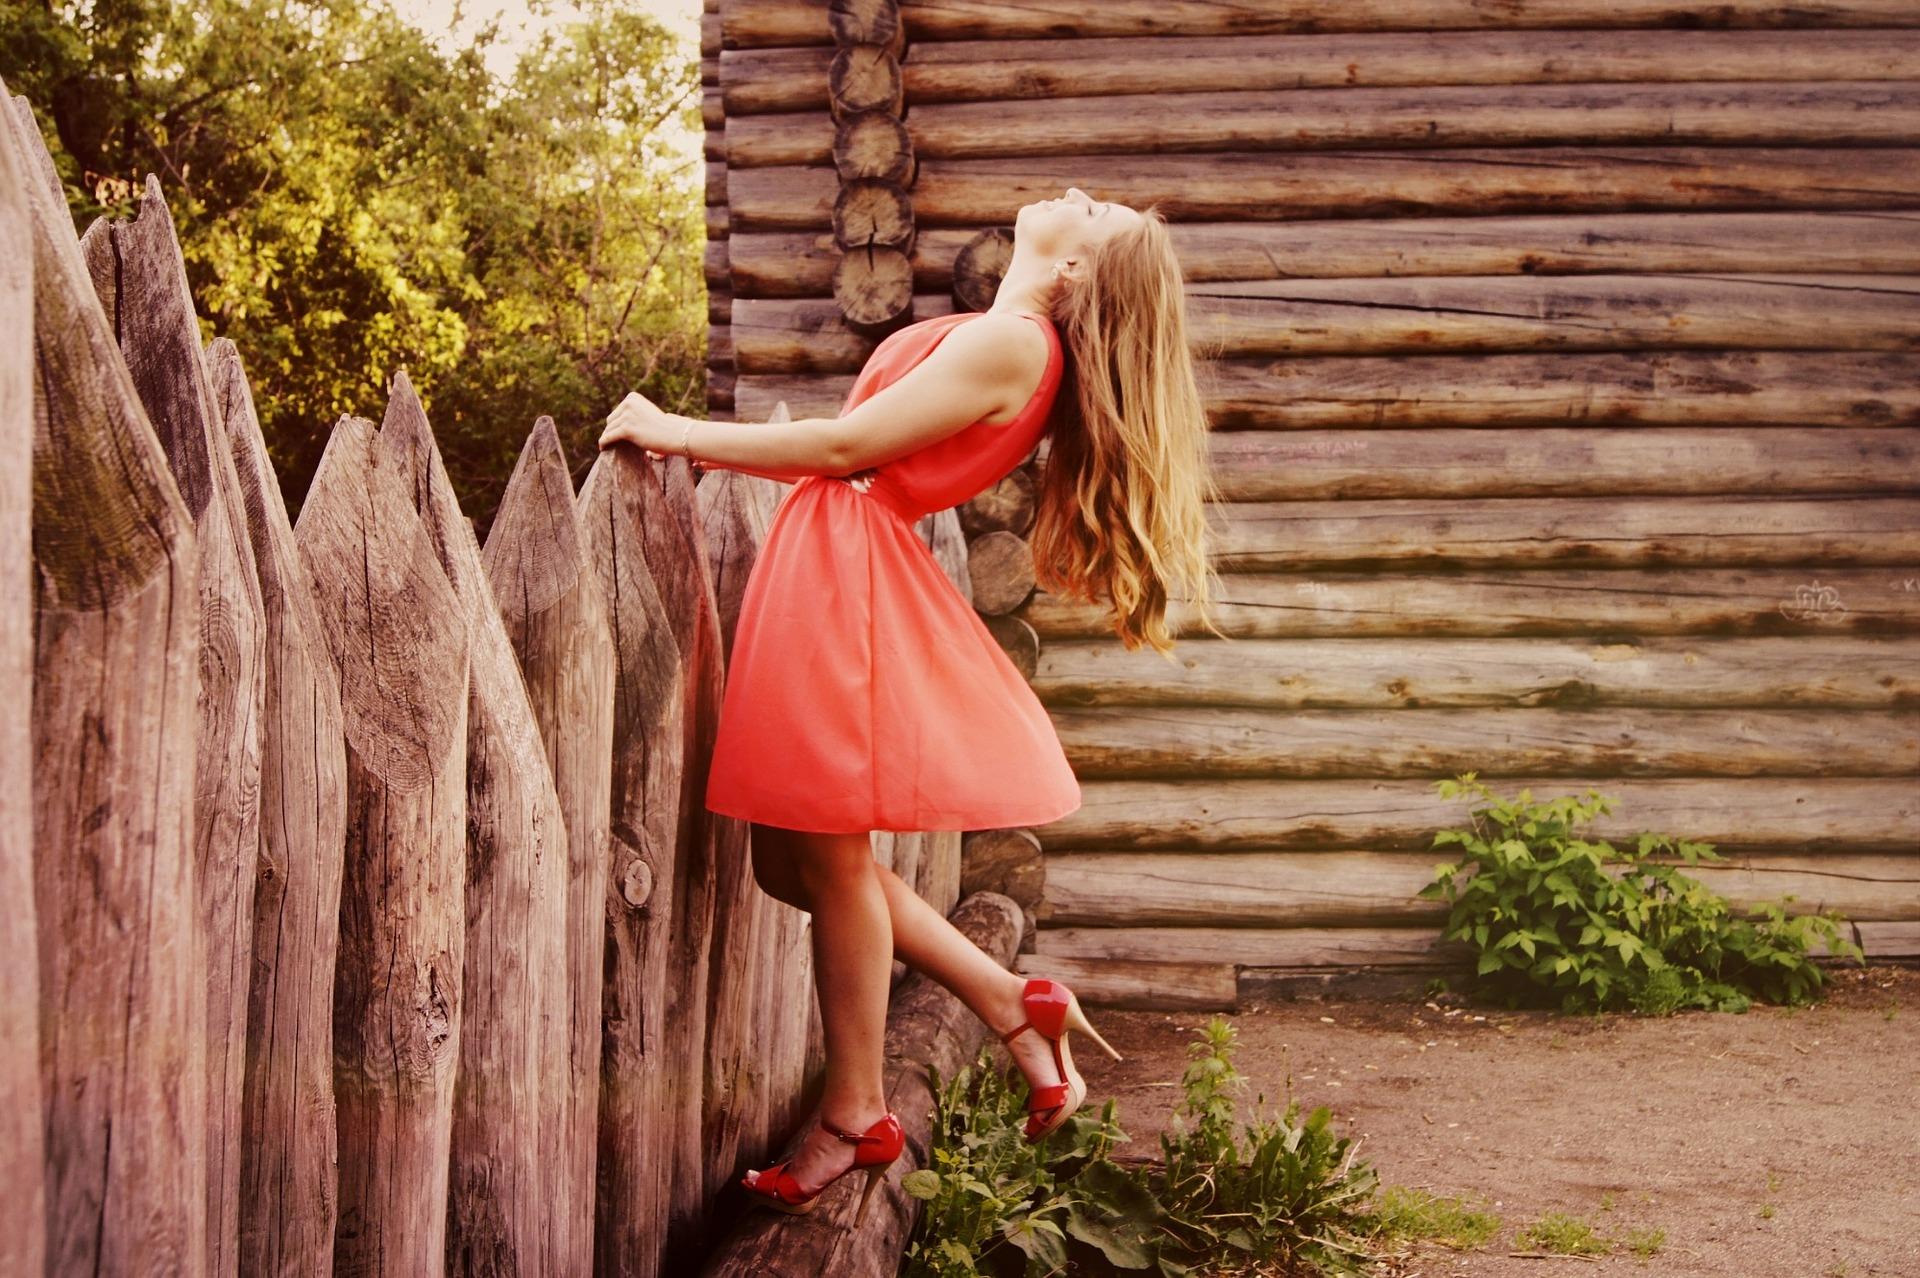 שמלות נשים לאירועים: איך לבחור שמלה לאירוע בלי לפשוט רגל?